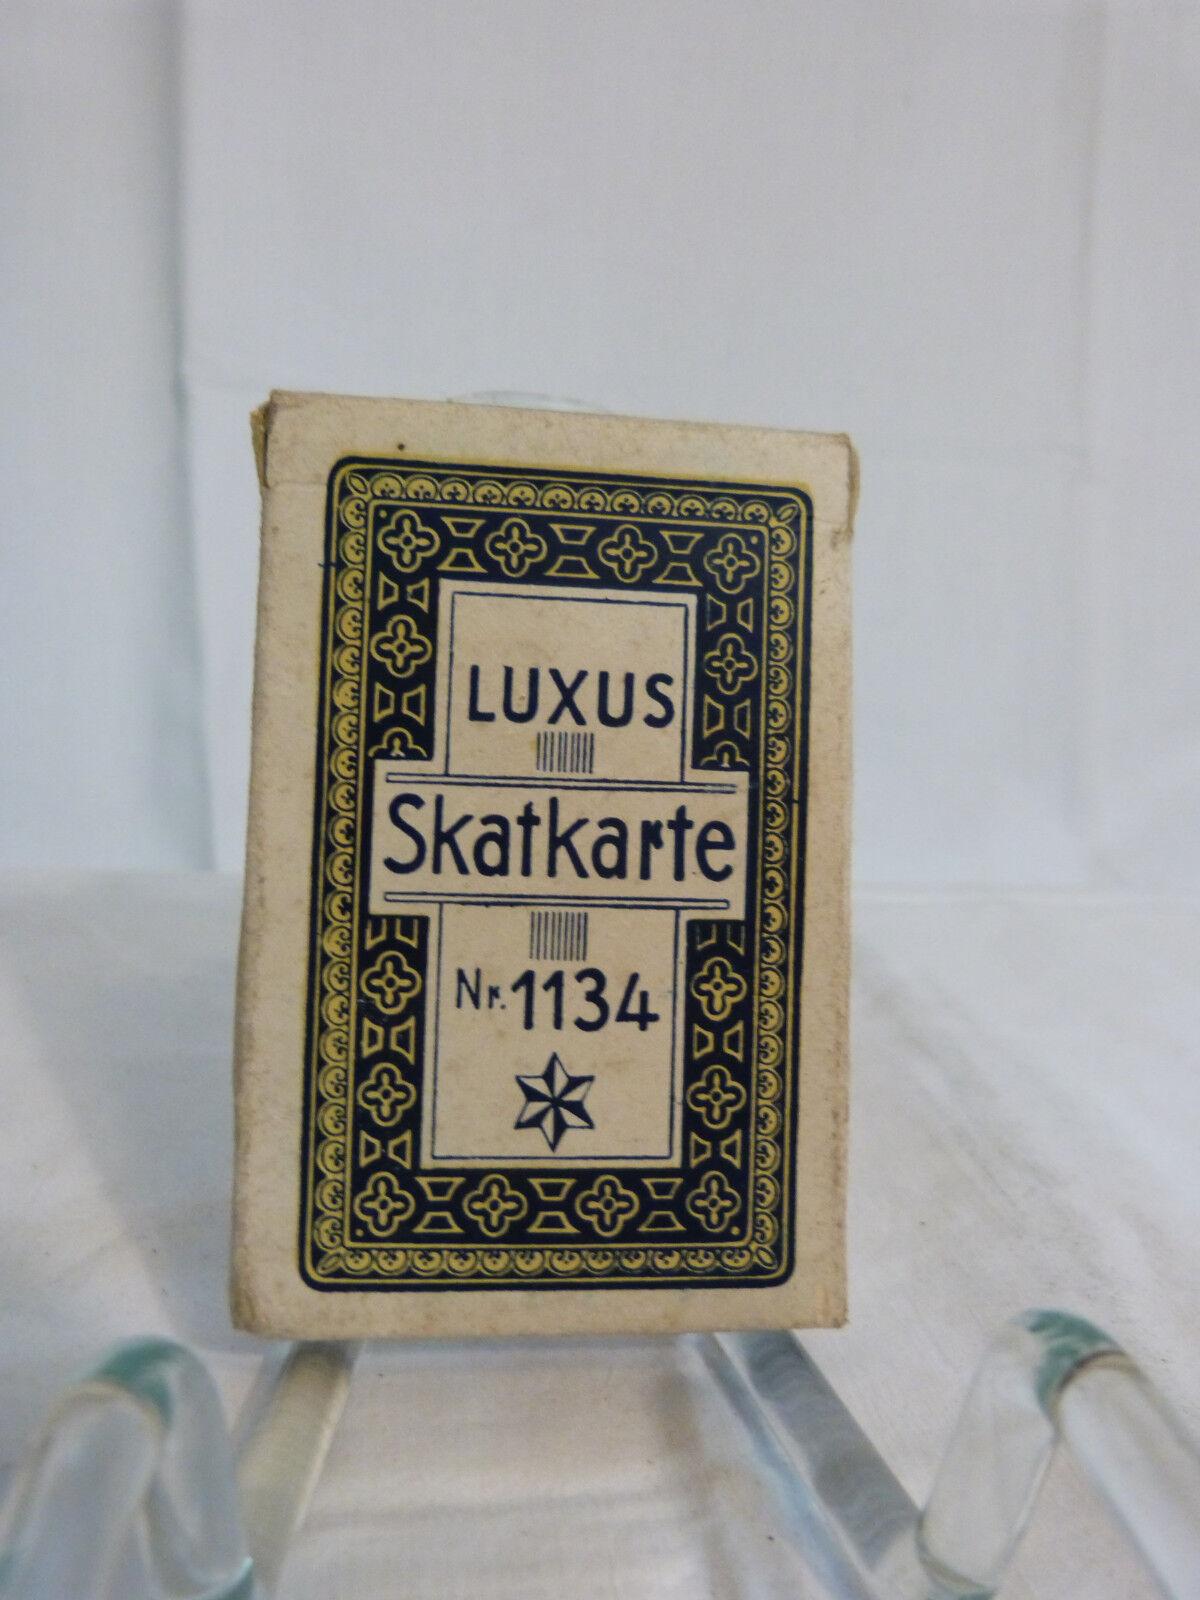 Altes antikes Skatspiel französisches Blatt ca. 1940er Jahre Luxus Skatkarte